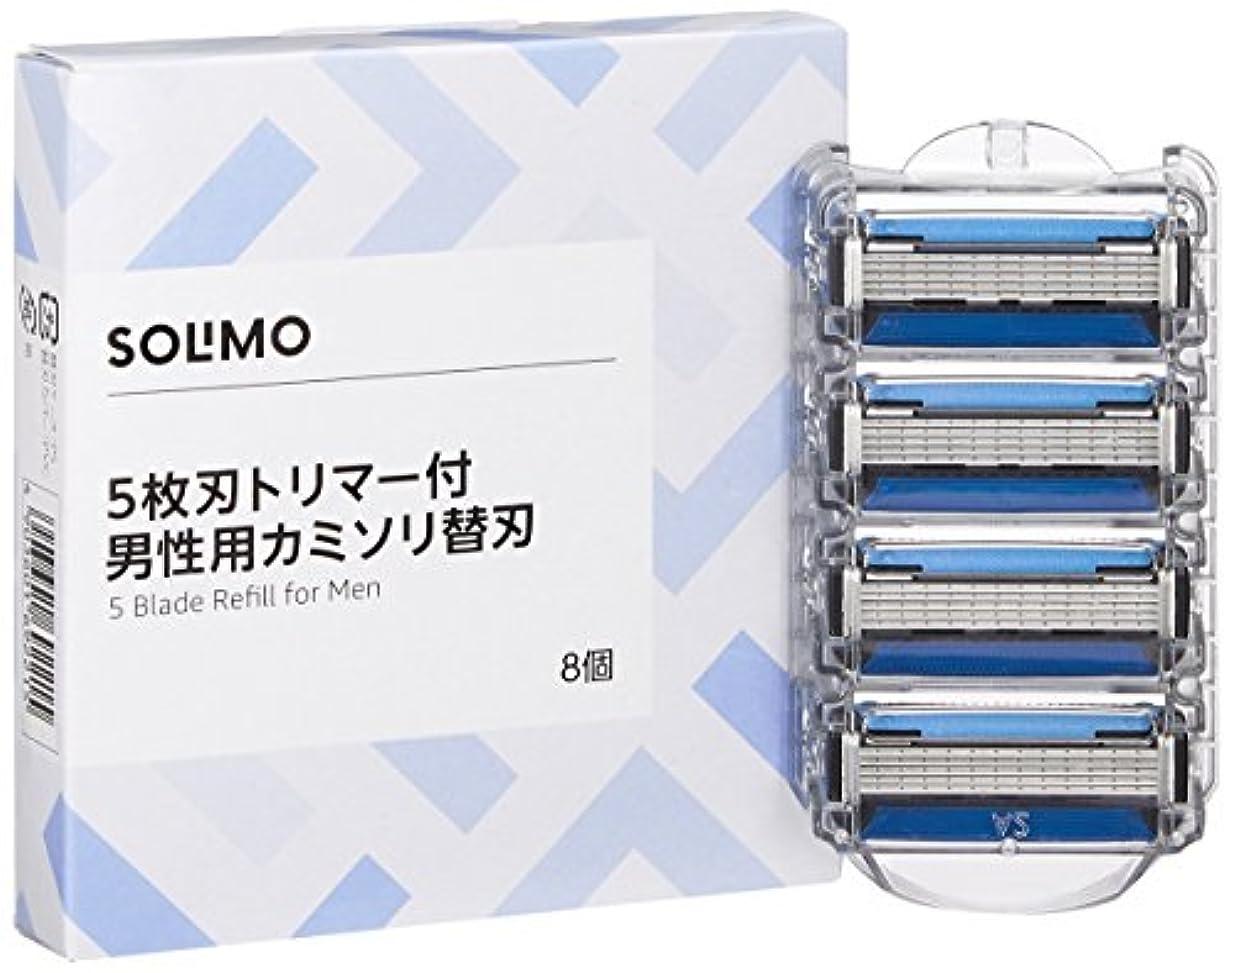 概してオレンジ流す[Amazonブランド]SOLIMO 5枚刃 トリマー付 男性用 カミソリ替刃8個